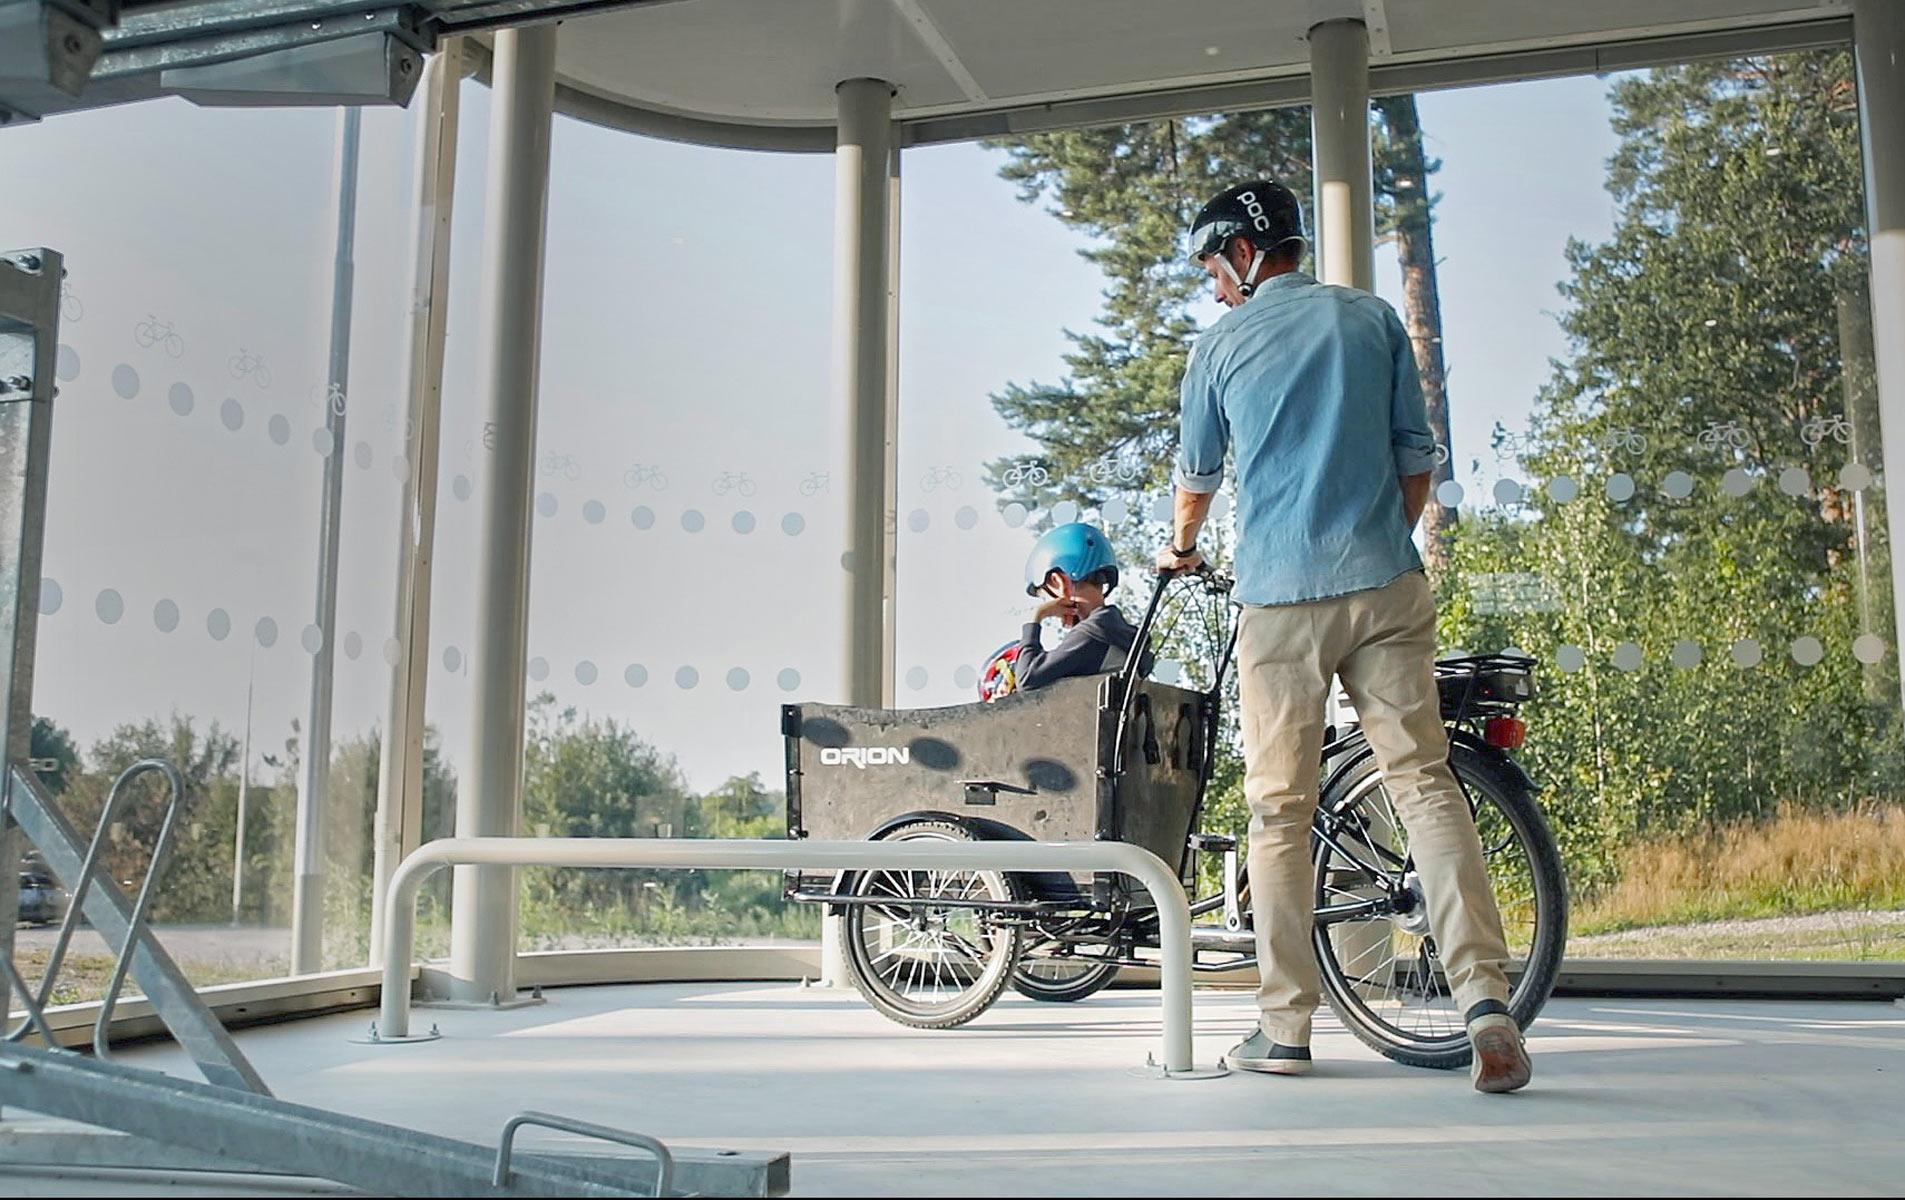 Cyklist som parkerar lastcykel vid lastcykelbåge CARGO